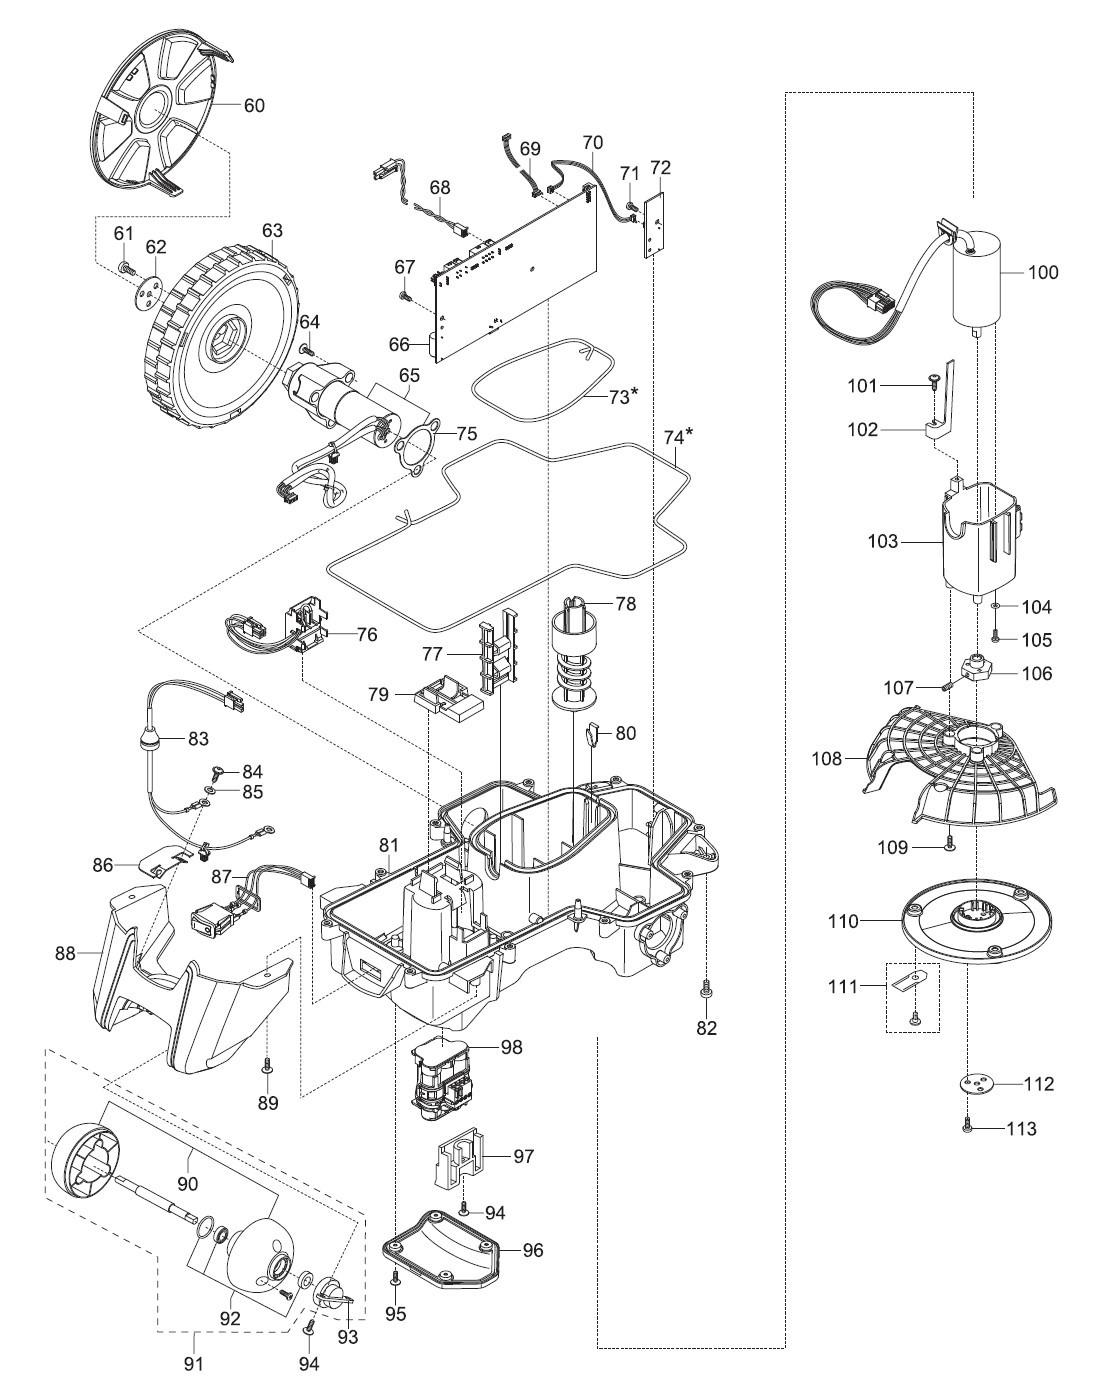 gardena ersatzteile unterteile m hroboter r40li 4071 20 baujahr 2012 2017 ersatzteil fee. Black Bedroom Furniture Sets. Home Design Ideas